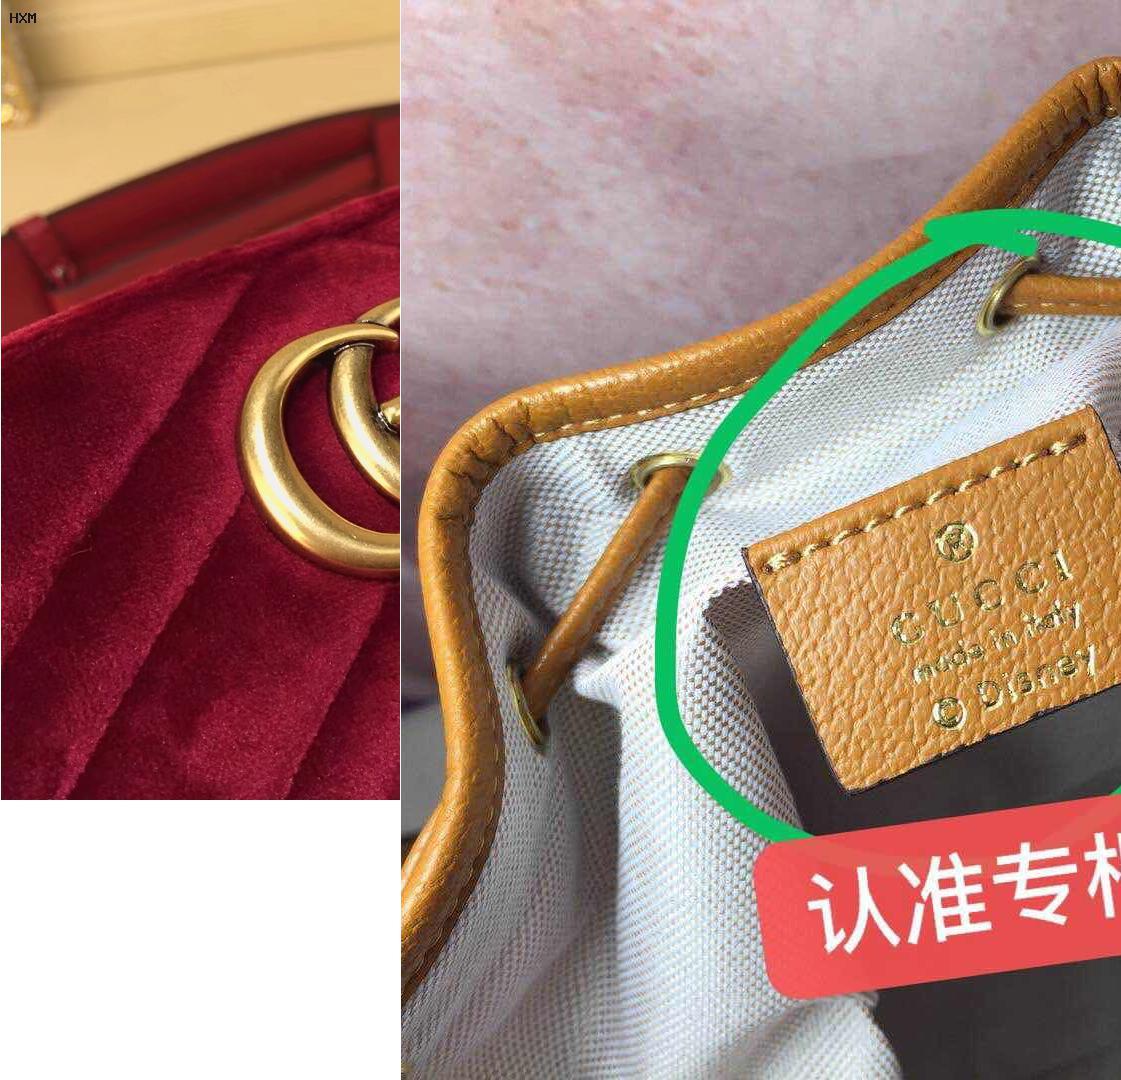 borsa gucci più economica